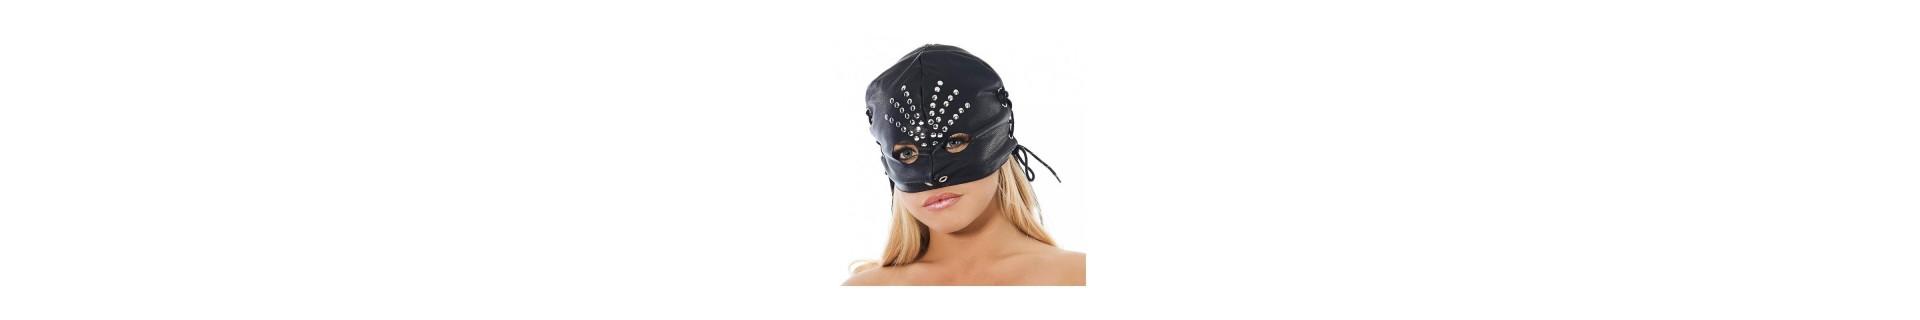 Comprar máscaras eróticas【Envío discreto】 ❤️